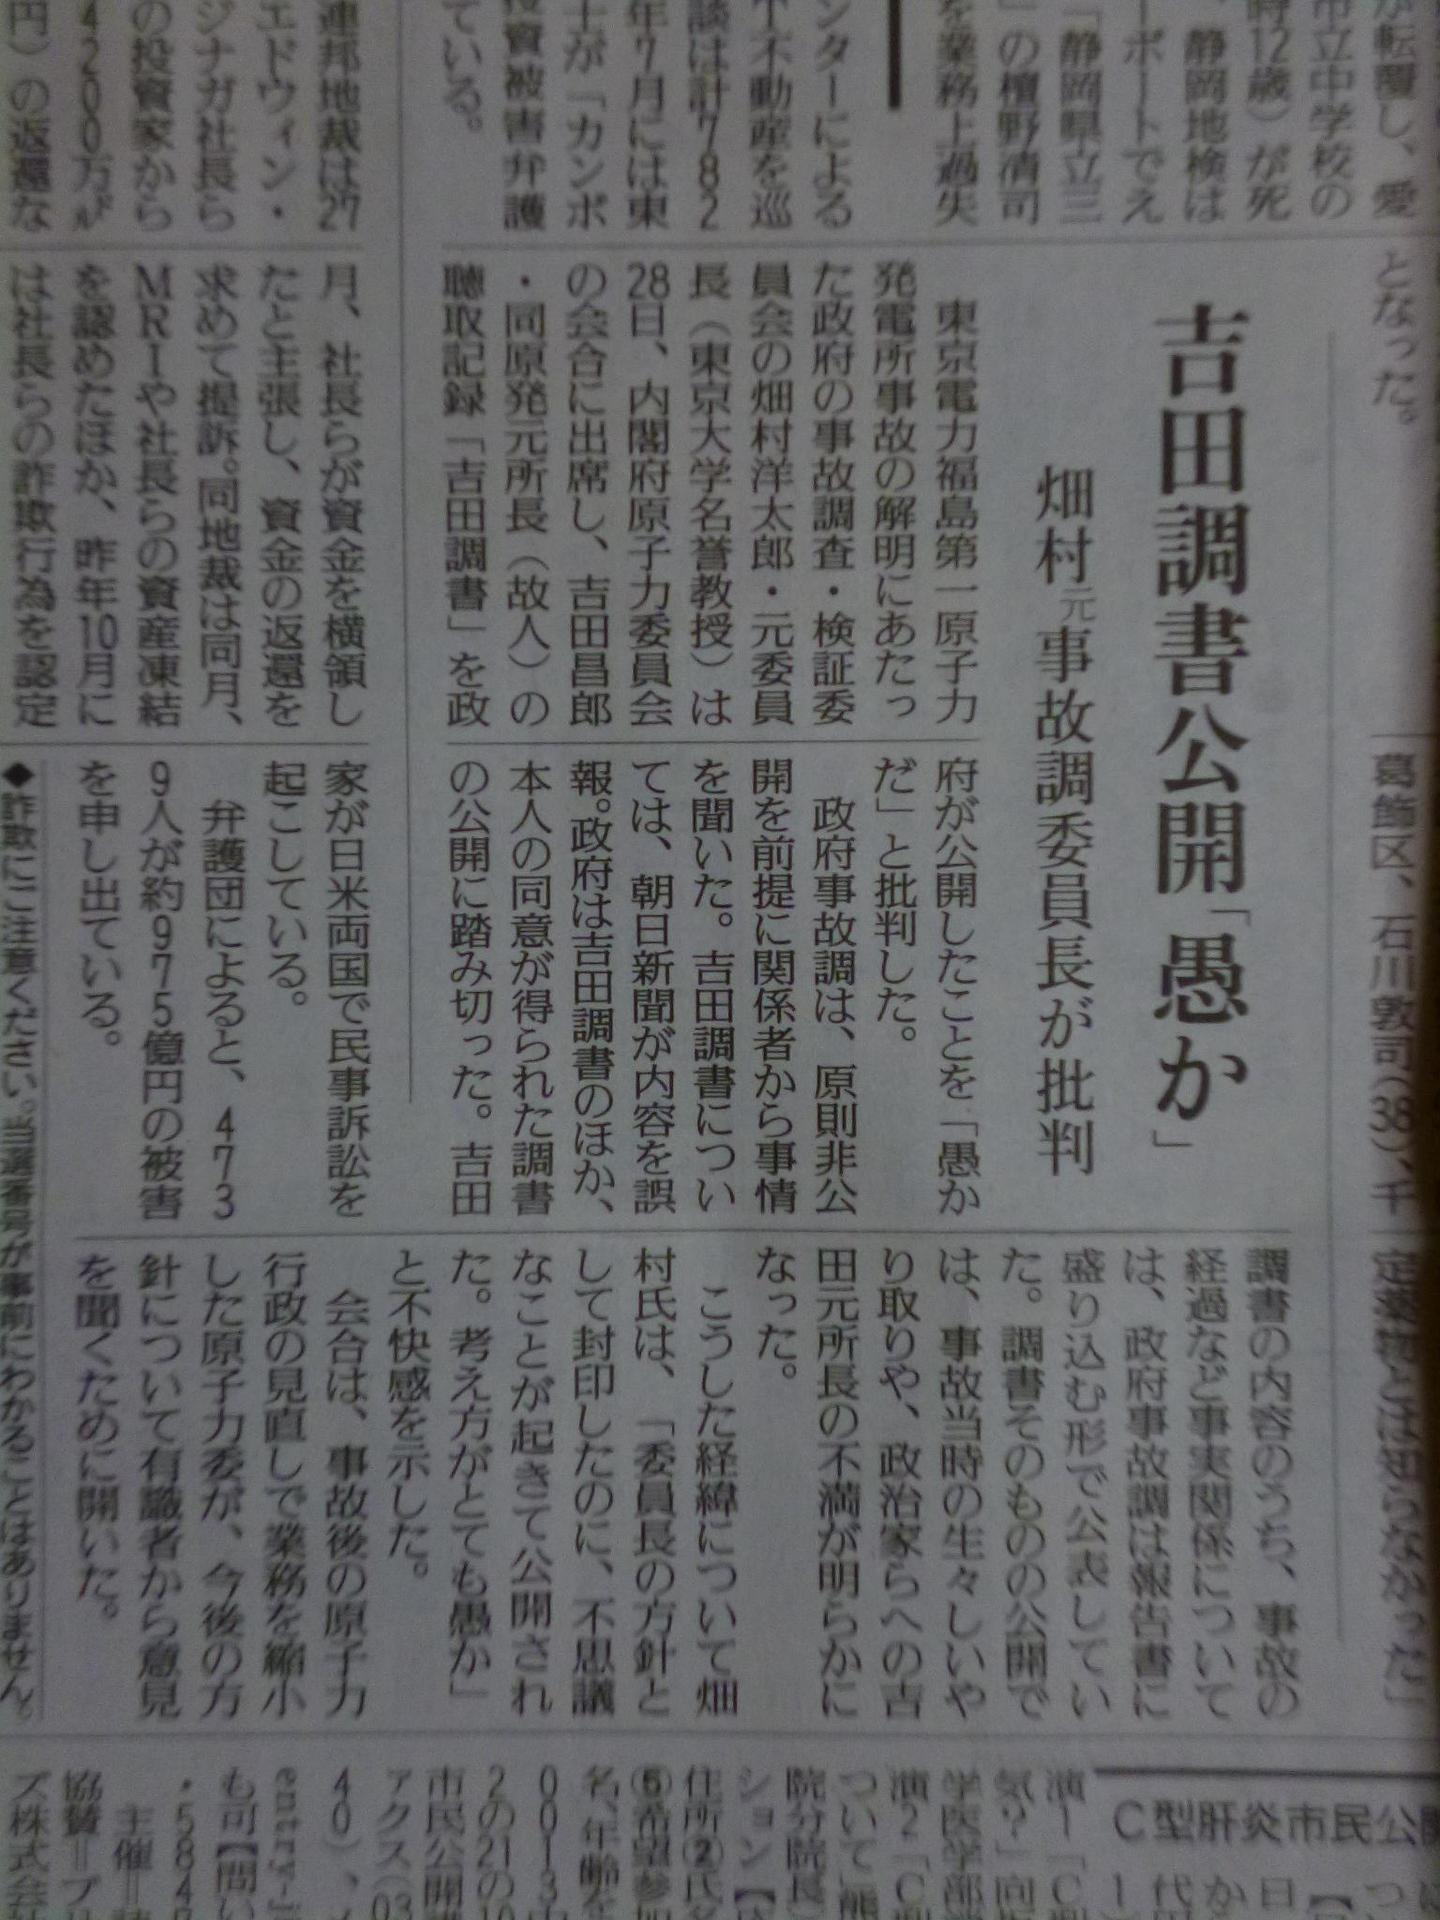 吉田調書公開「愚か」 畑村元事故調委員長が批判